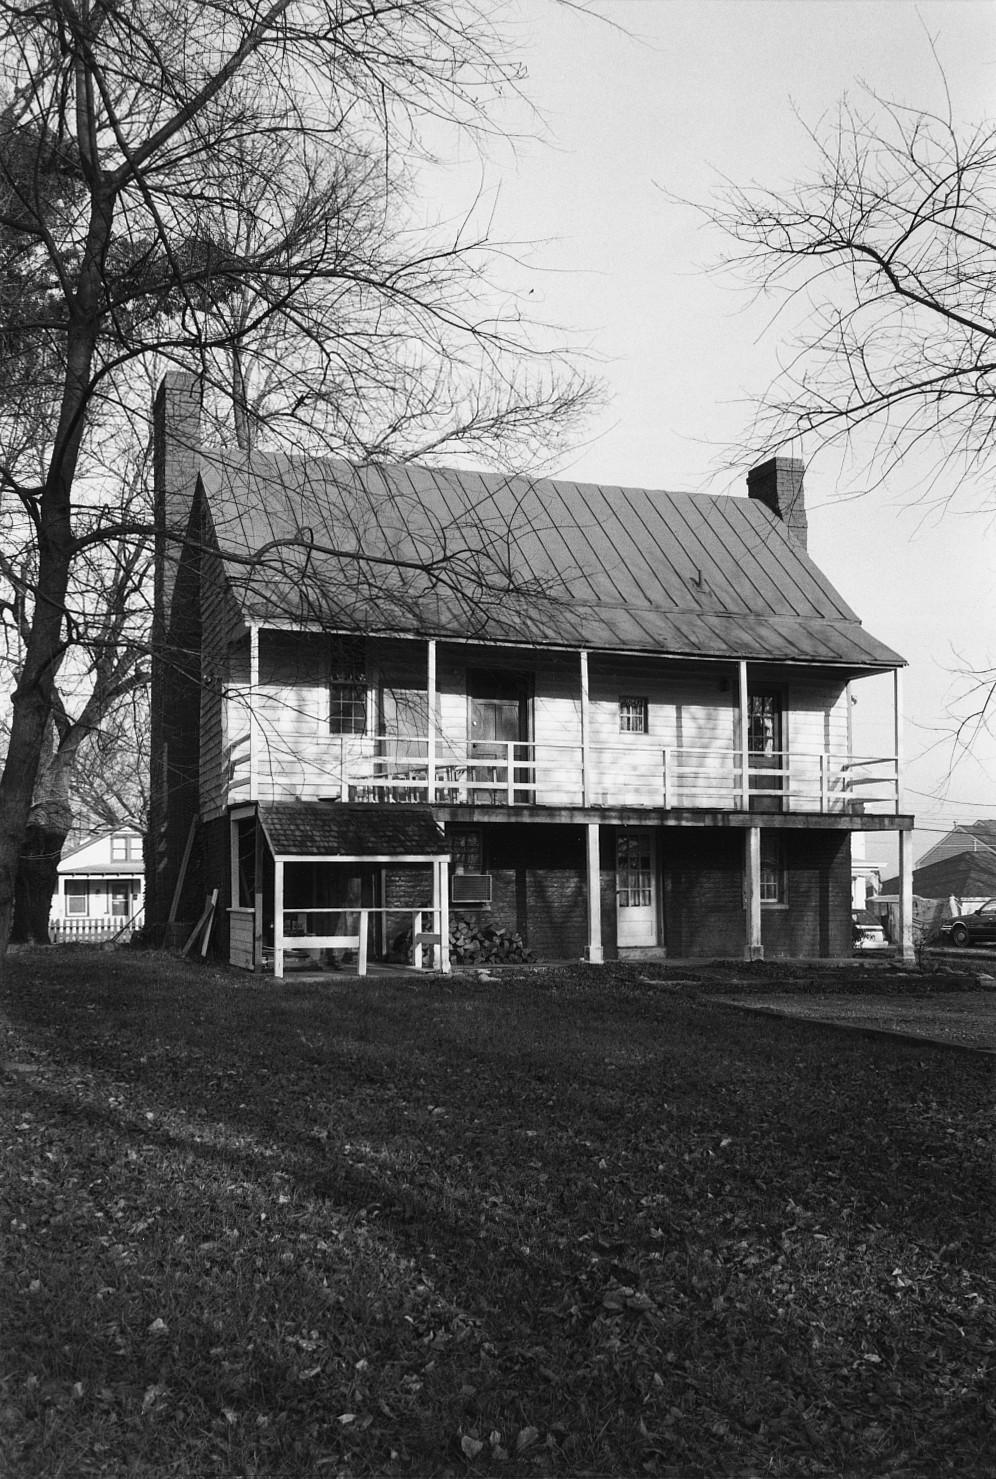 Weisiger-Carroll House